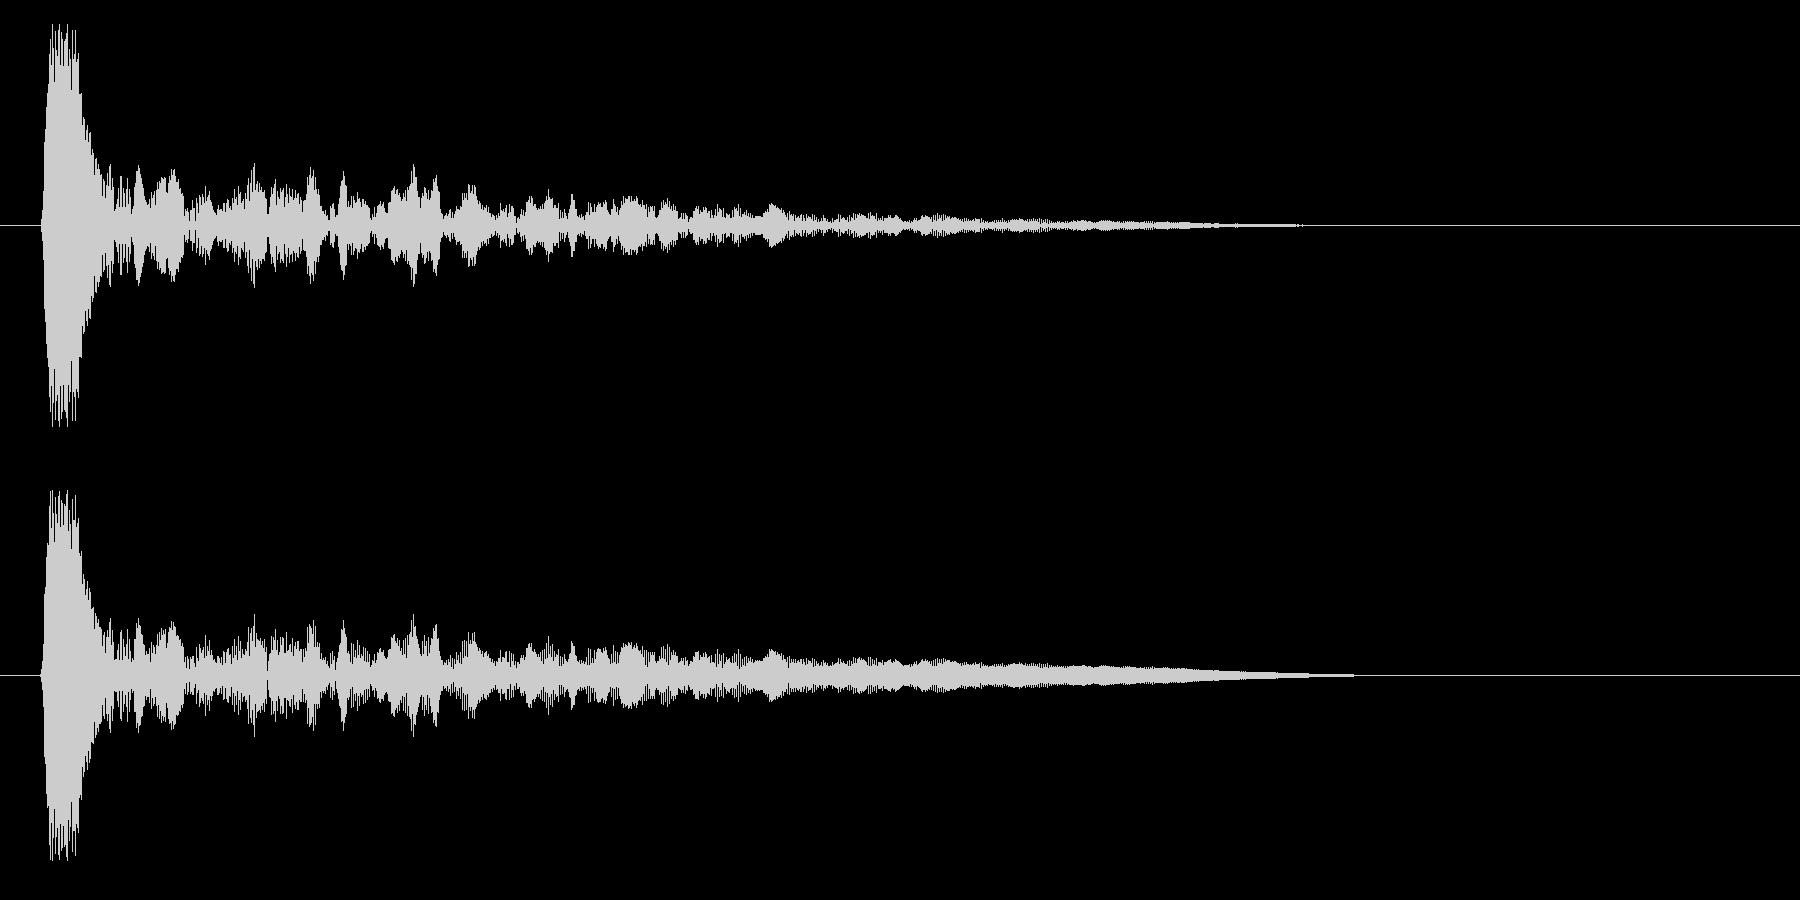 キン・カン(木材・打楽器)の未再生の波形